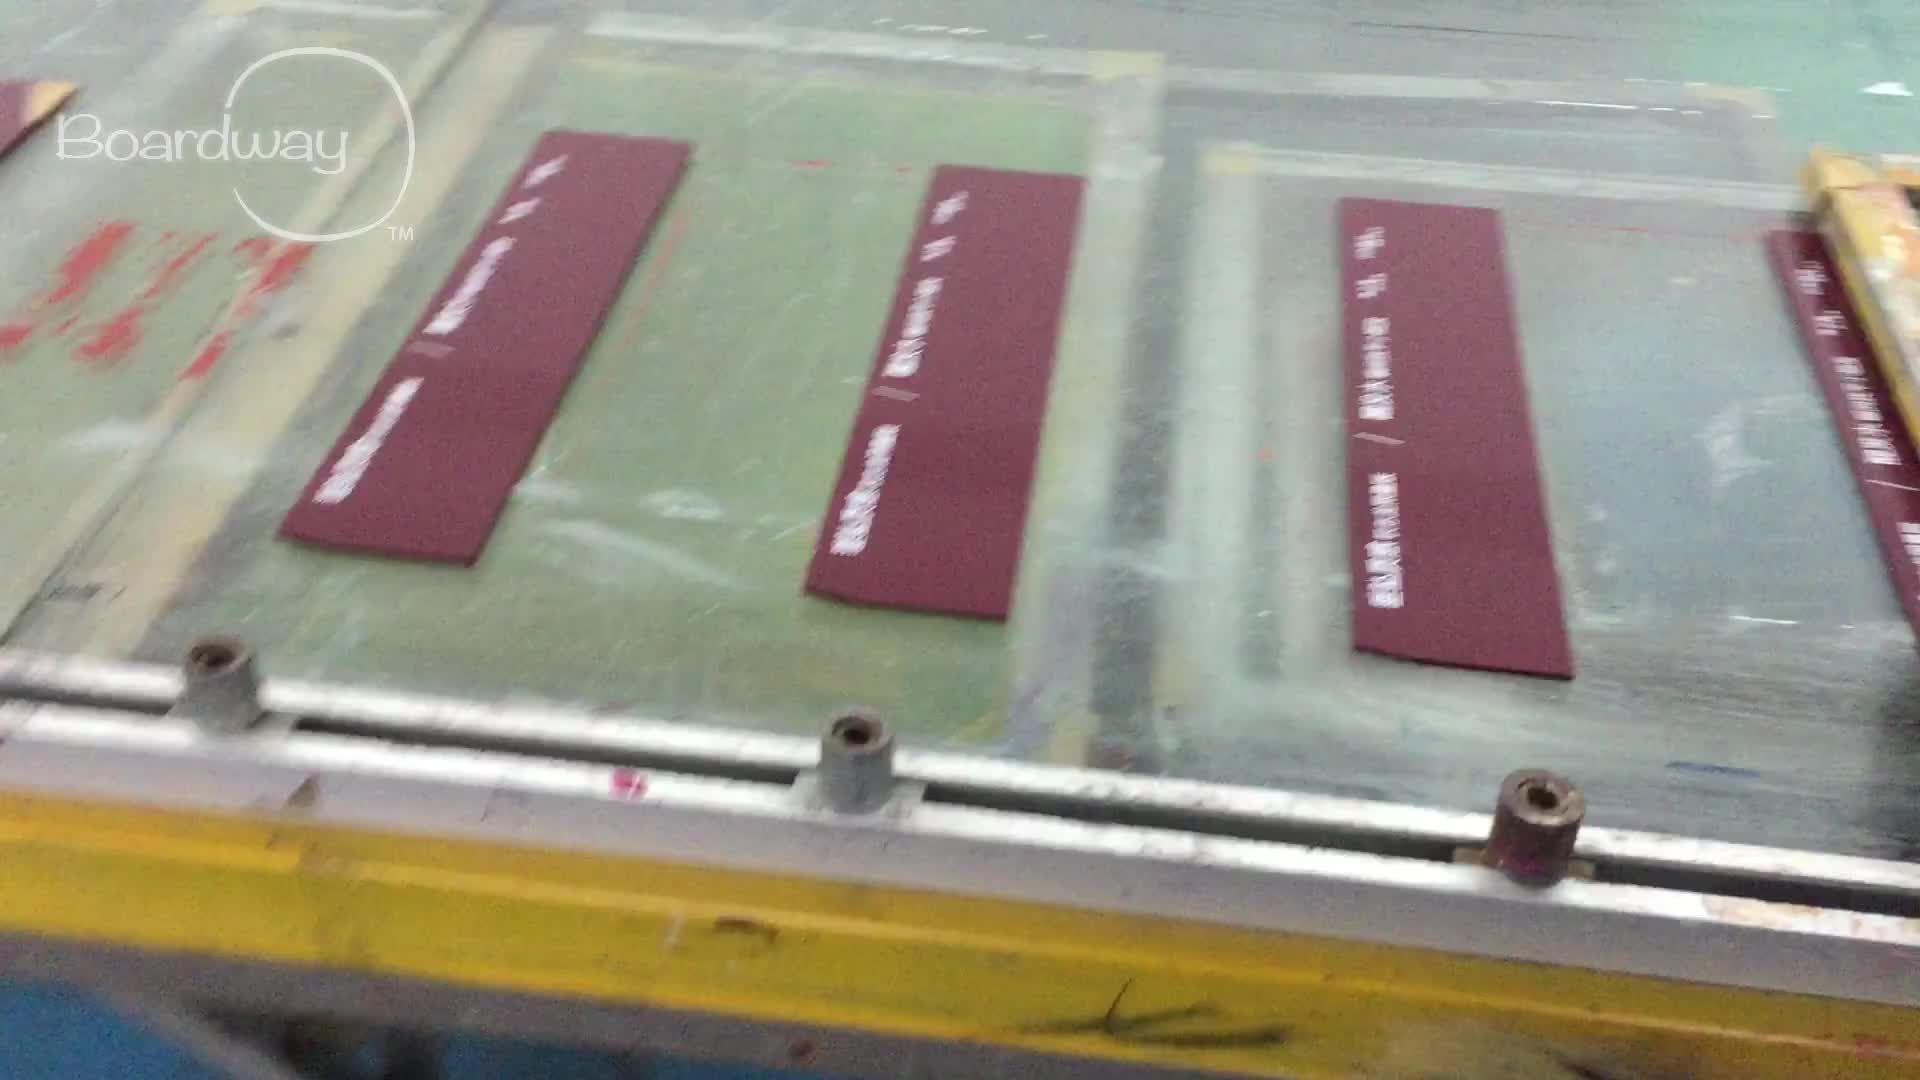 Feuille acrylique teintée pour la découpe laser et l'impression sur soie